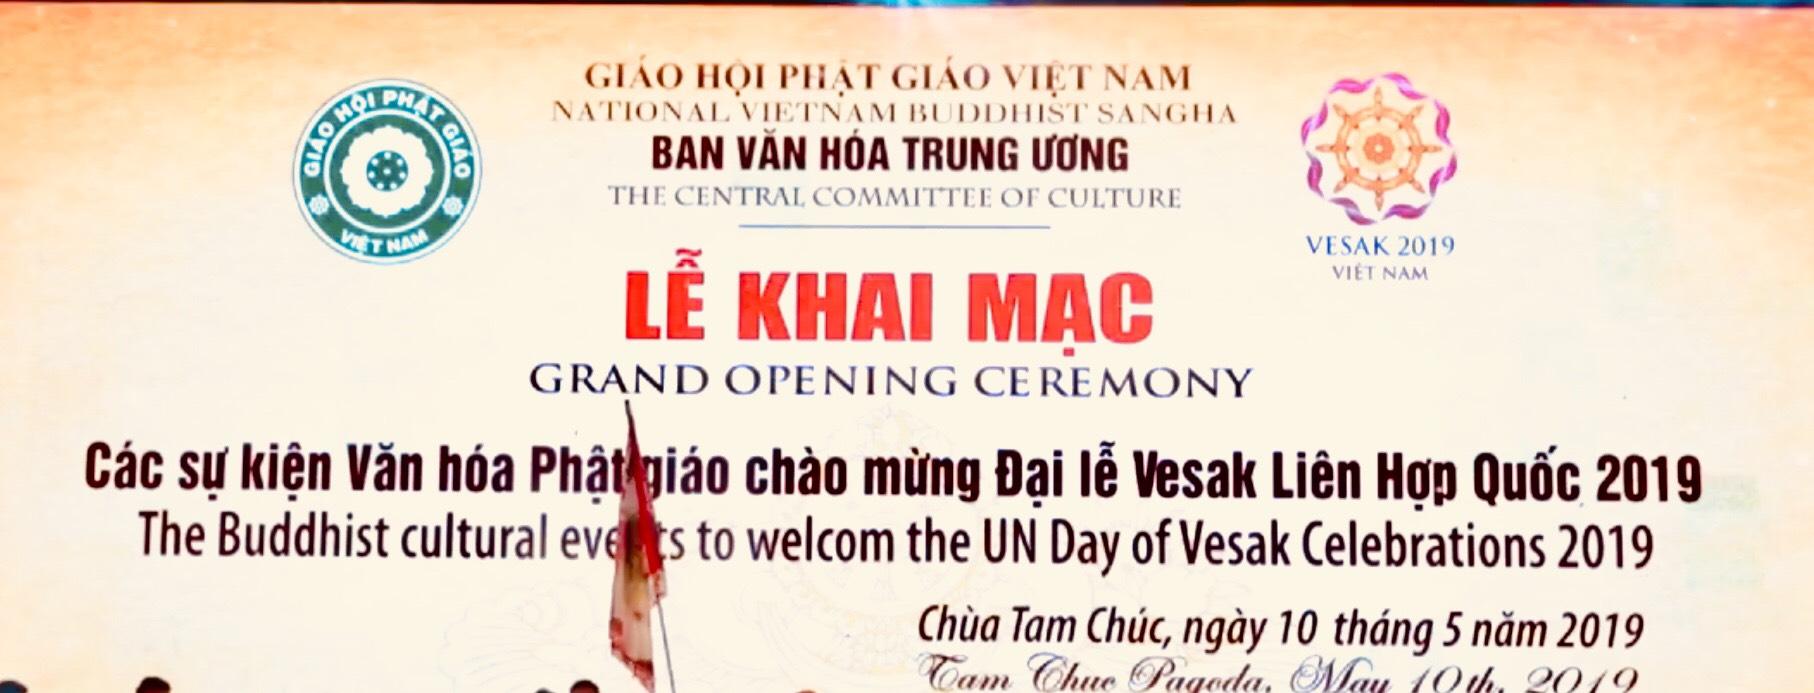 Hà Nam:  Khai mạc Các sự kiện văn hoá Phật Giáo Đại Lễ Vesak 2019 -  Pl.2563